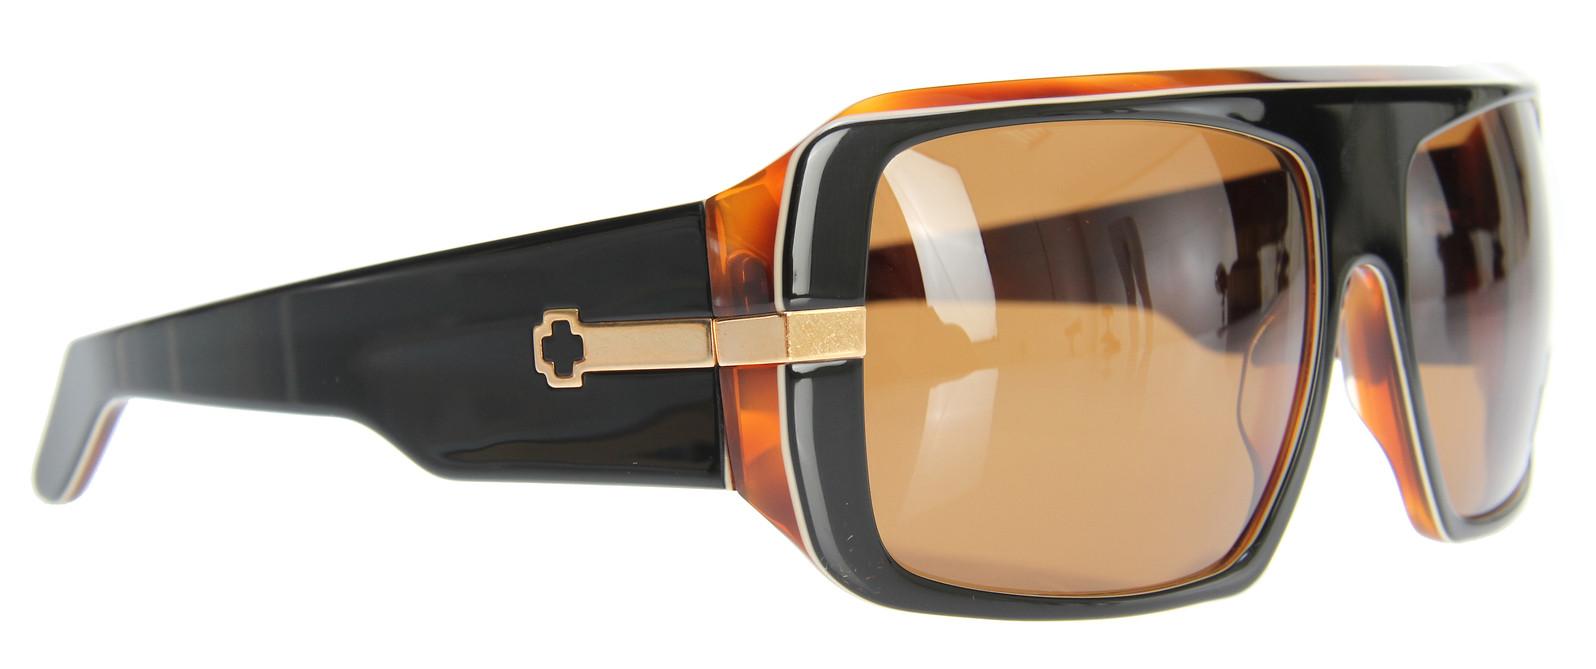 Spy Optic Spy Double Decker Sunglasses Black/White/Tortoise Bronze Lens  spy-doubledecker-sun-black-wht-tort-09.jpg